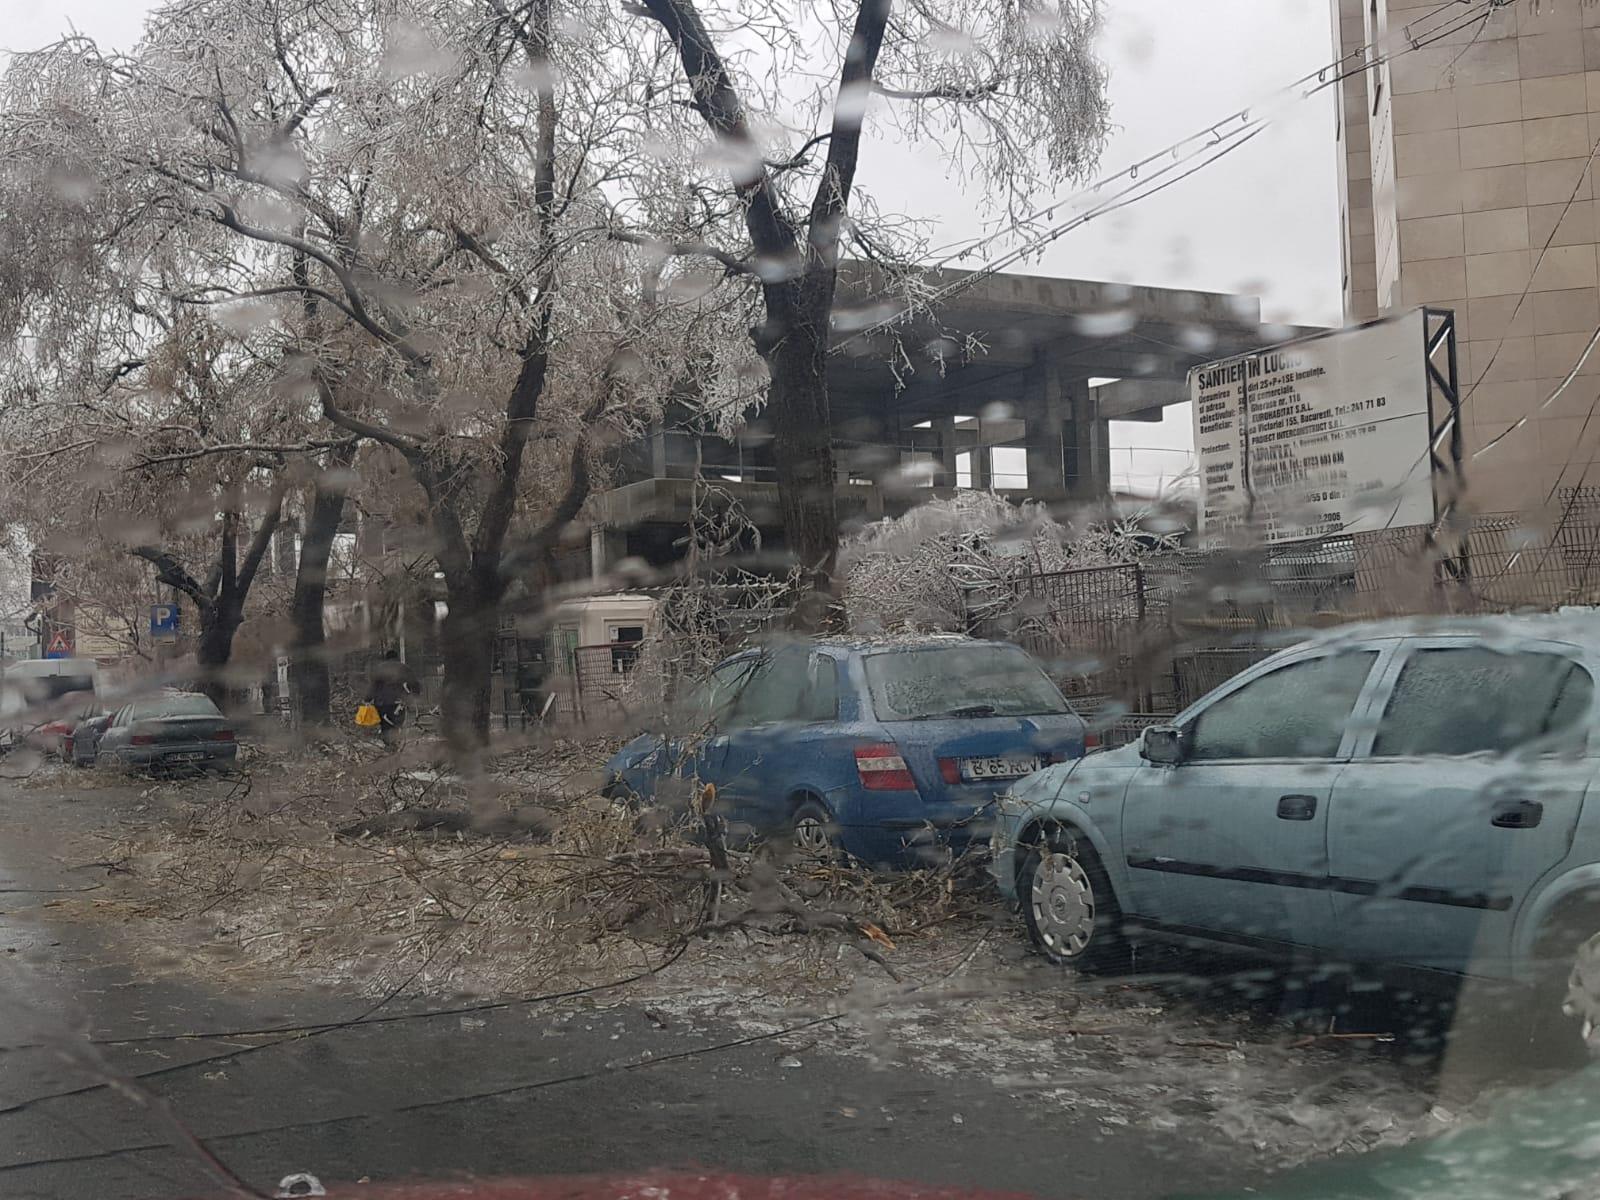 Bucuresti 2019-01-26 / 12.12.31